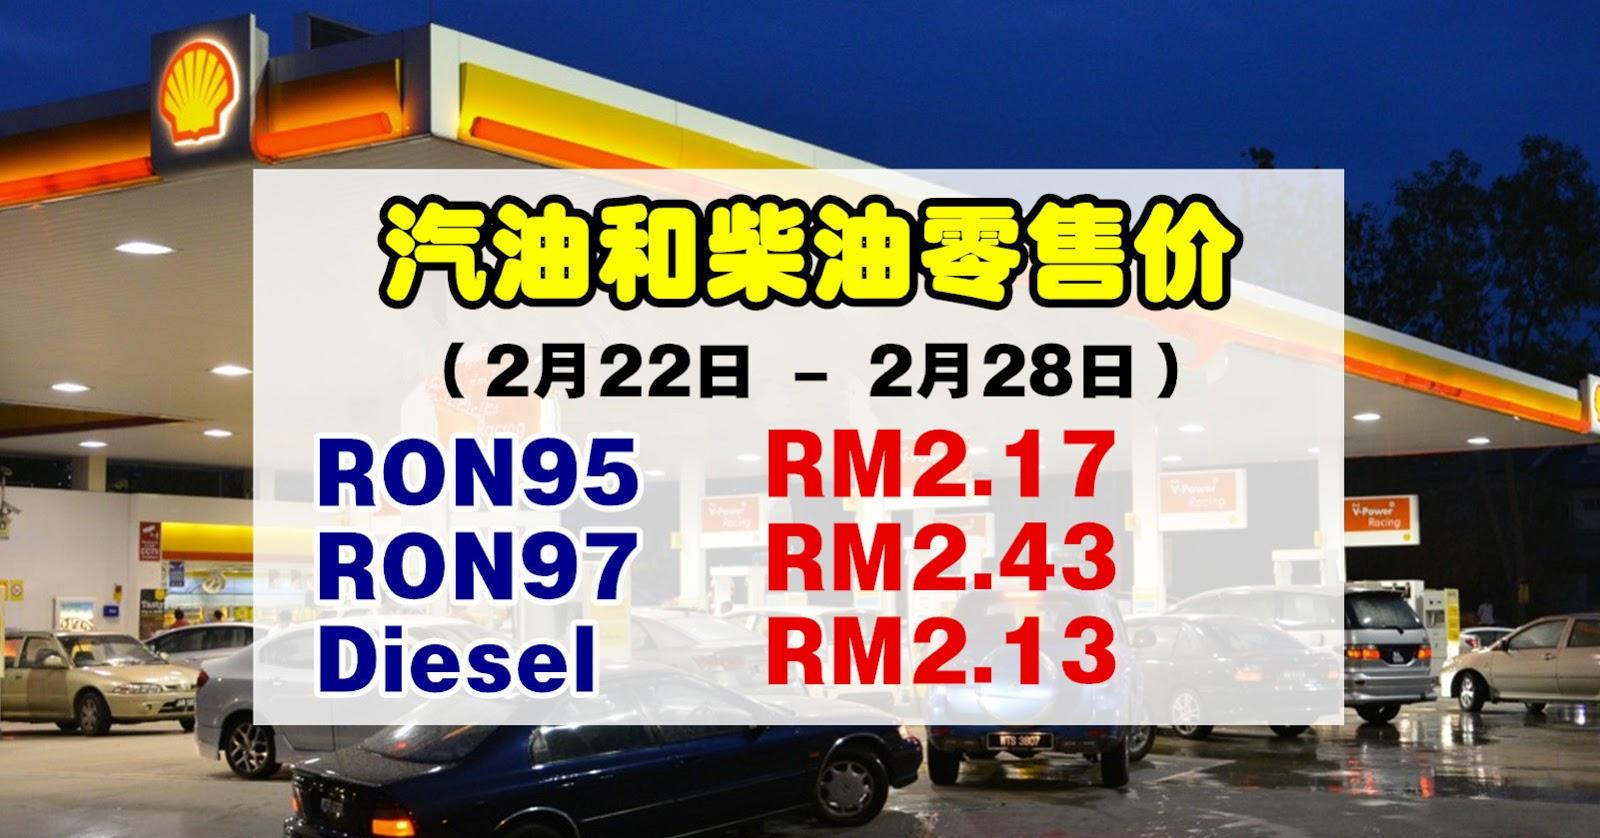 2月22日 - 2月28日汽油和柴油零售价